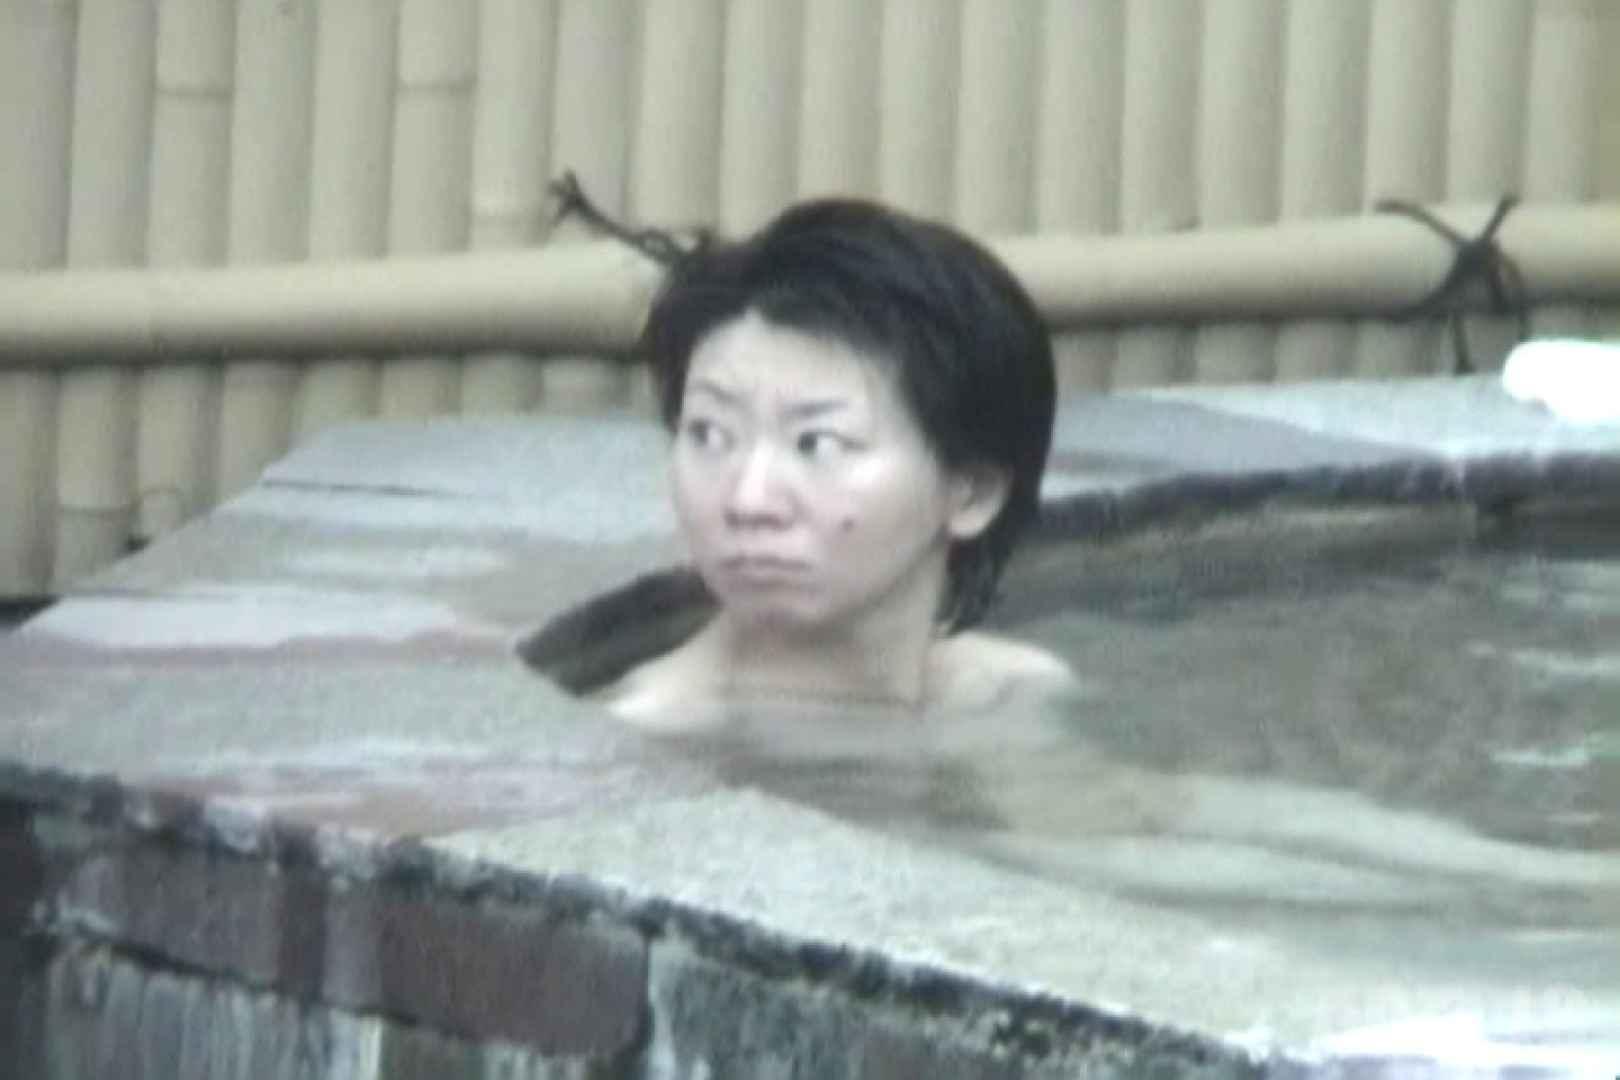 Aquaな露天風呂Vol.842 盗撮師作品   美しいOLの裸体  96pic 4